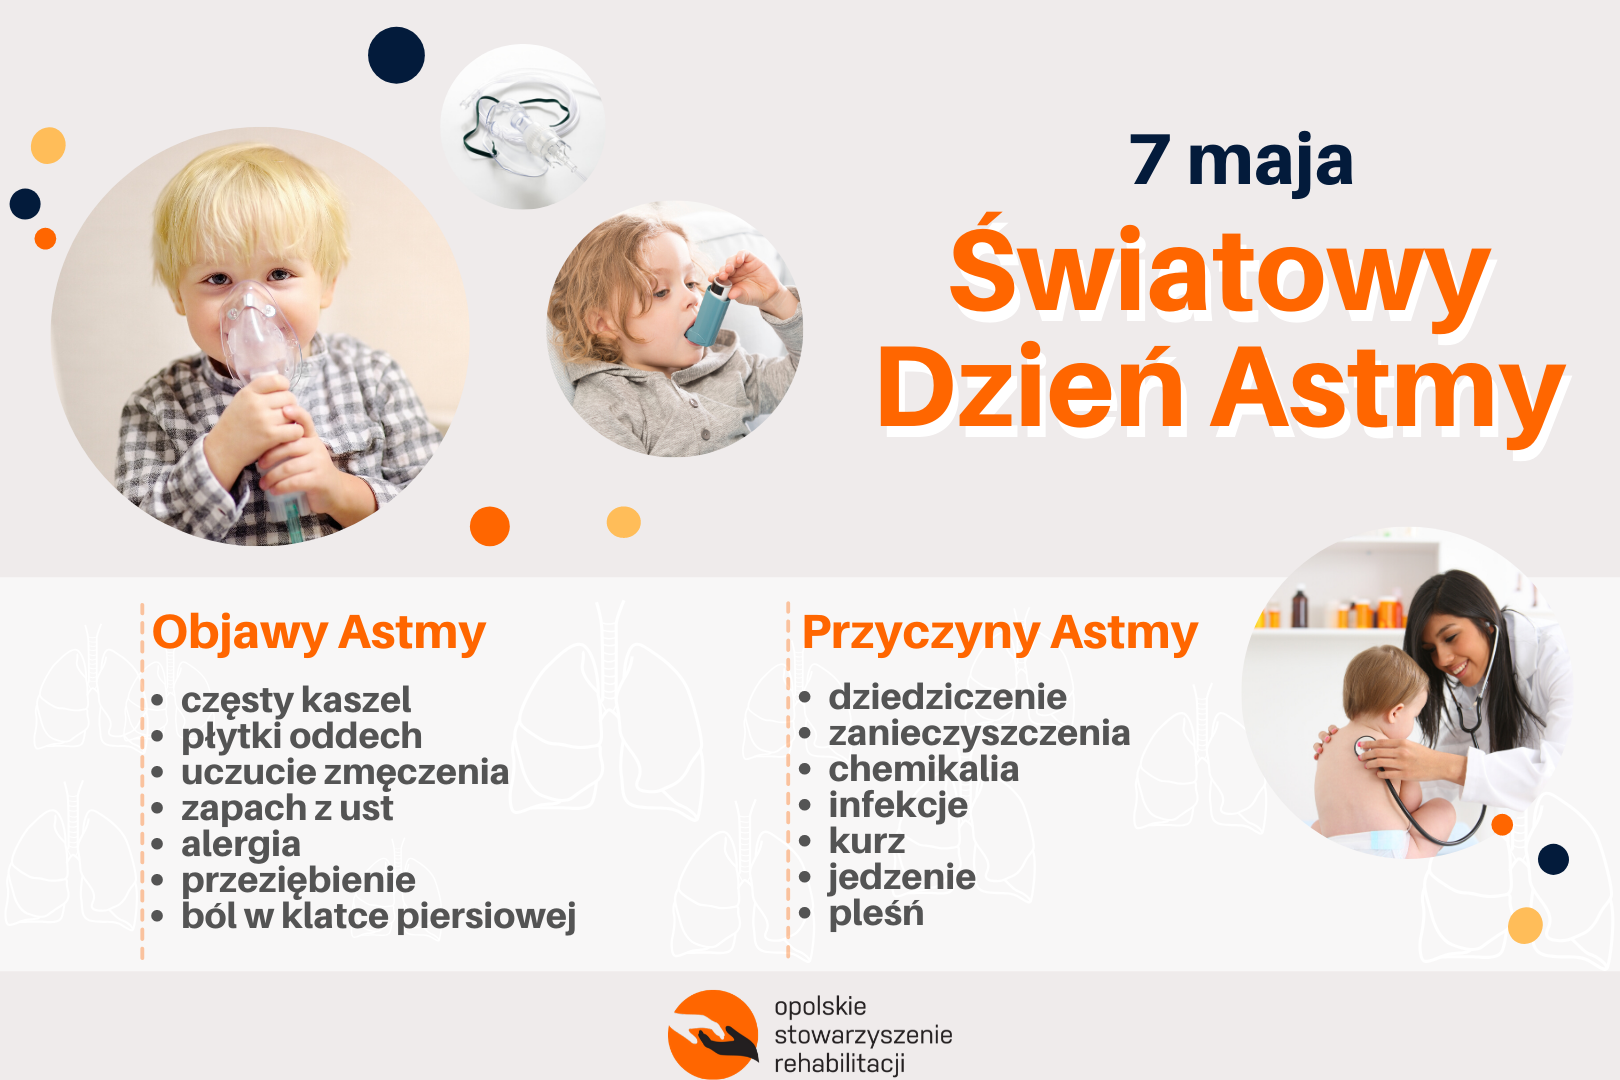 Światowy Dzień Astmy. Przyczyny i objawy.